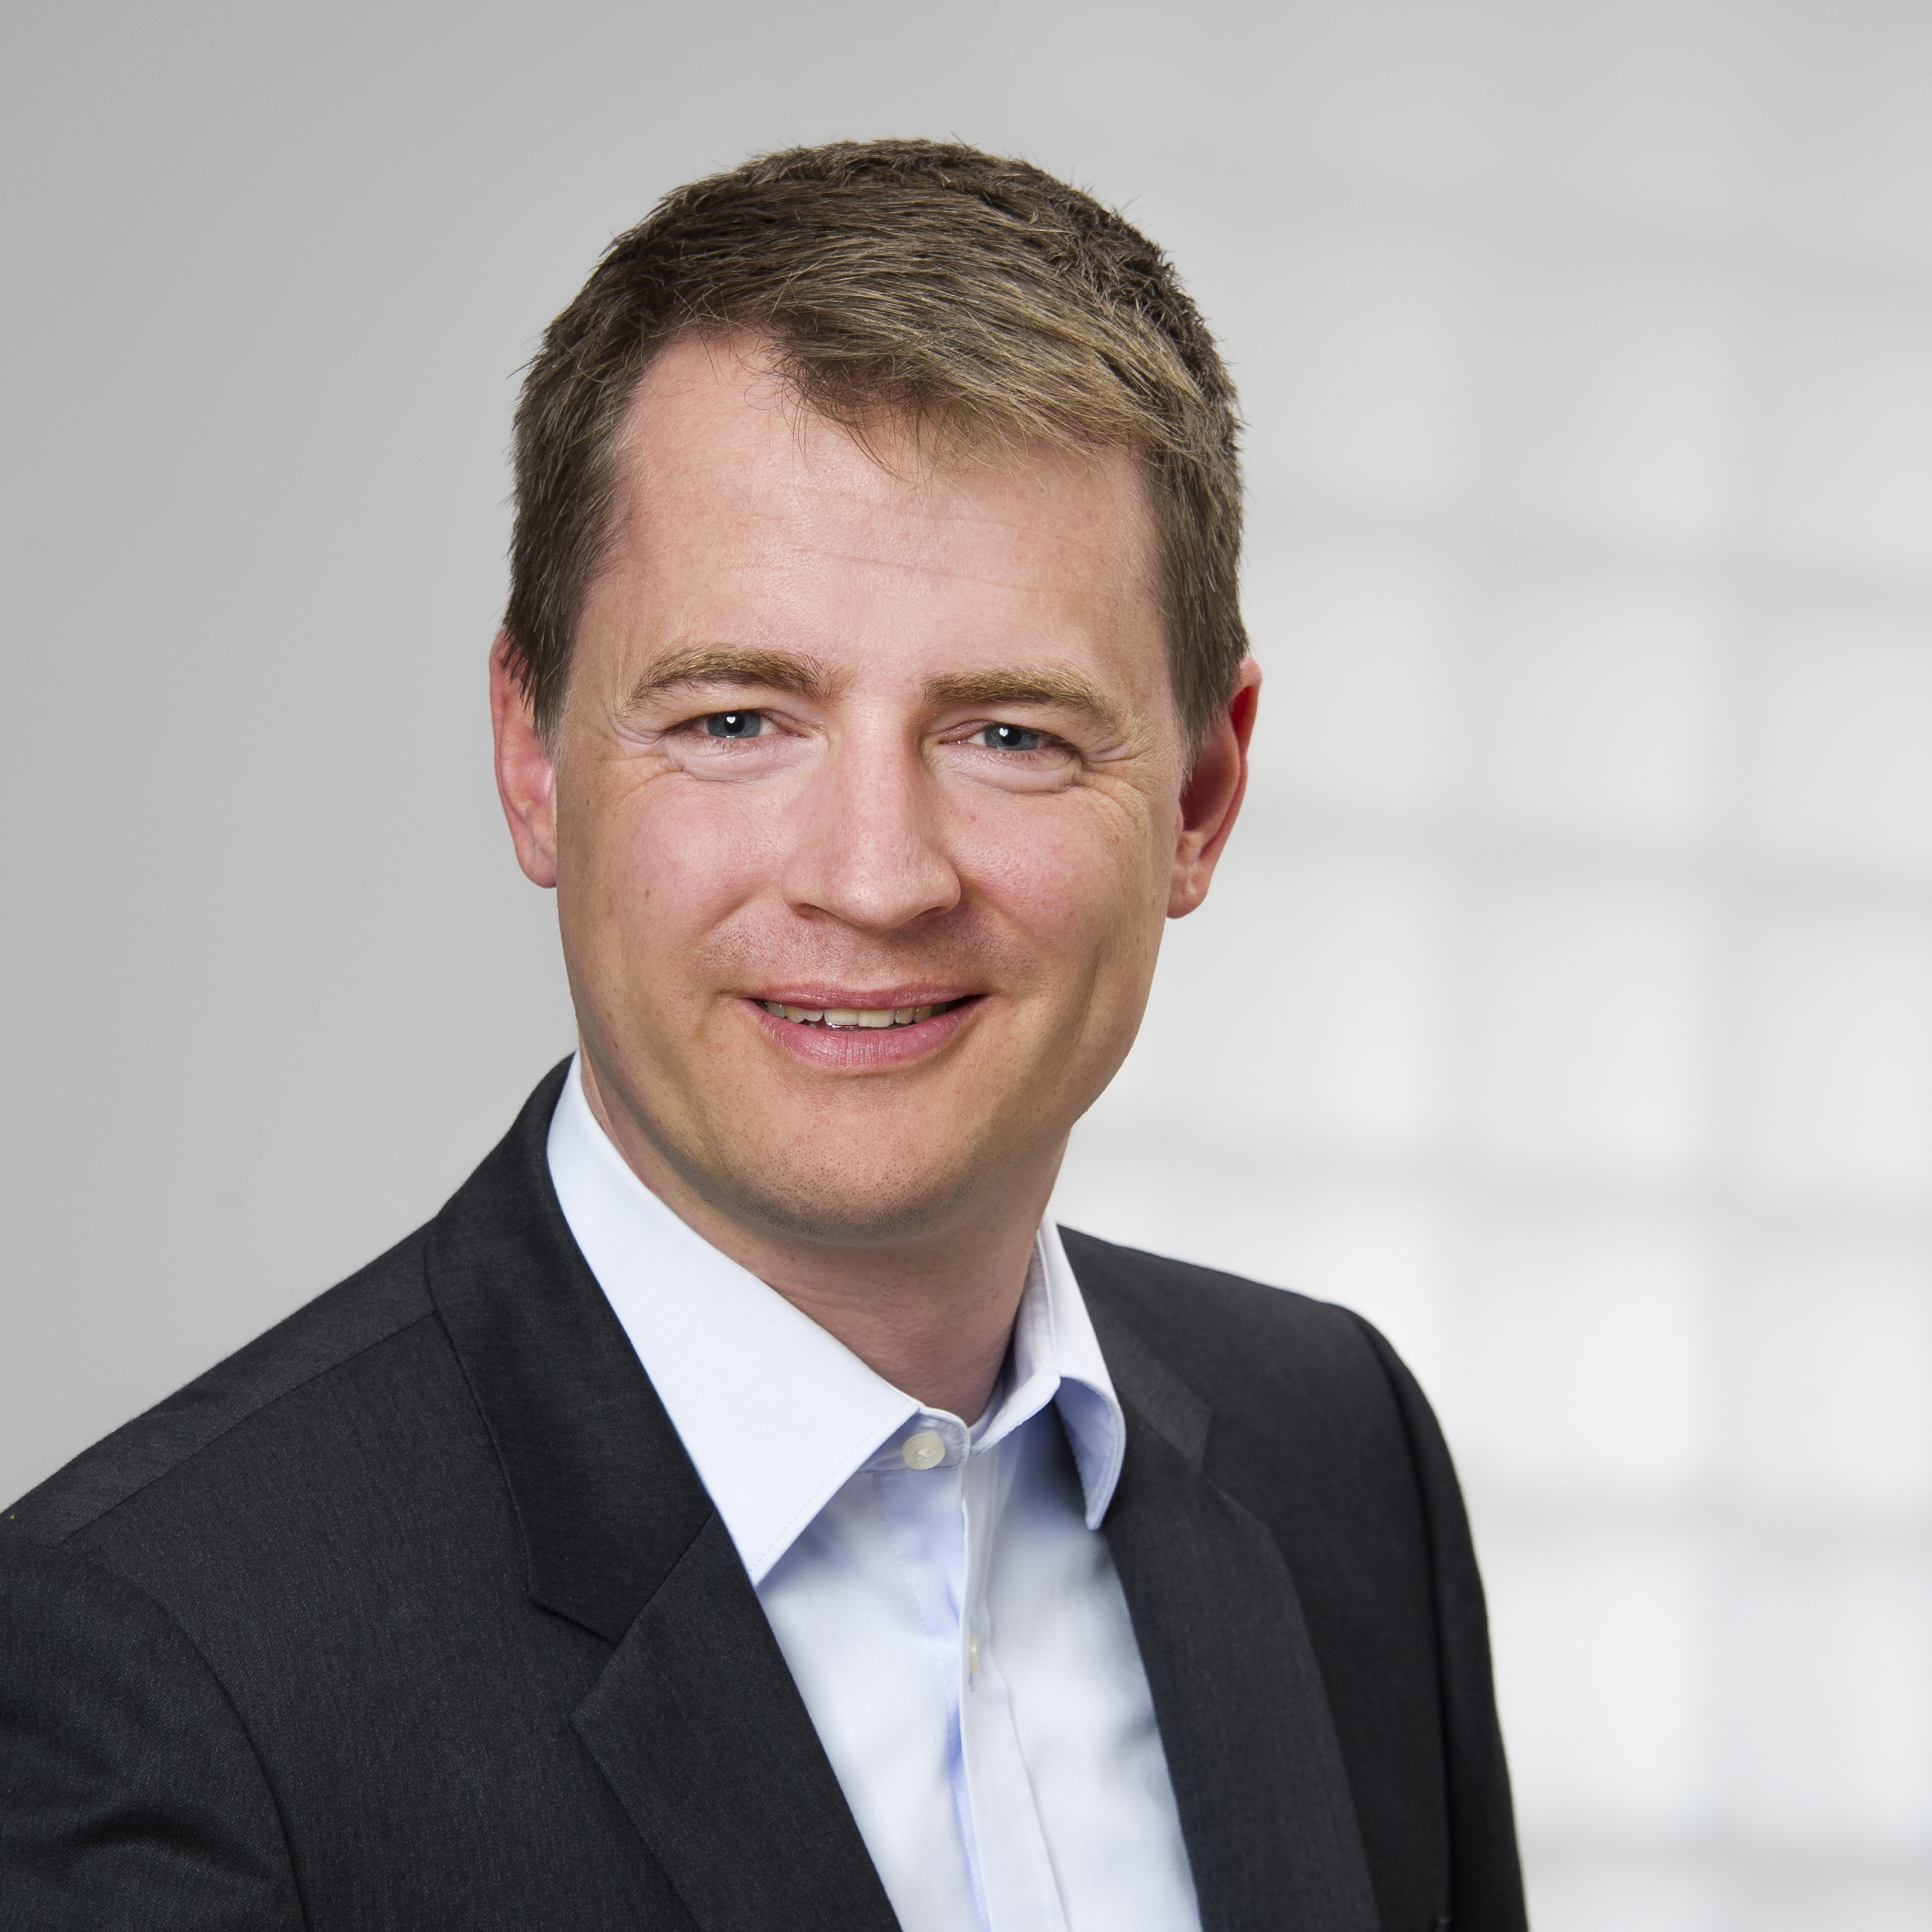 Führungswechsel im Human Resources Team bei DIAGEO: Peter Henning ...